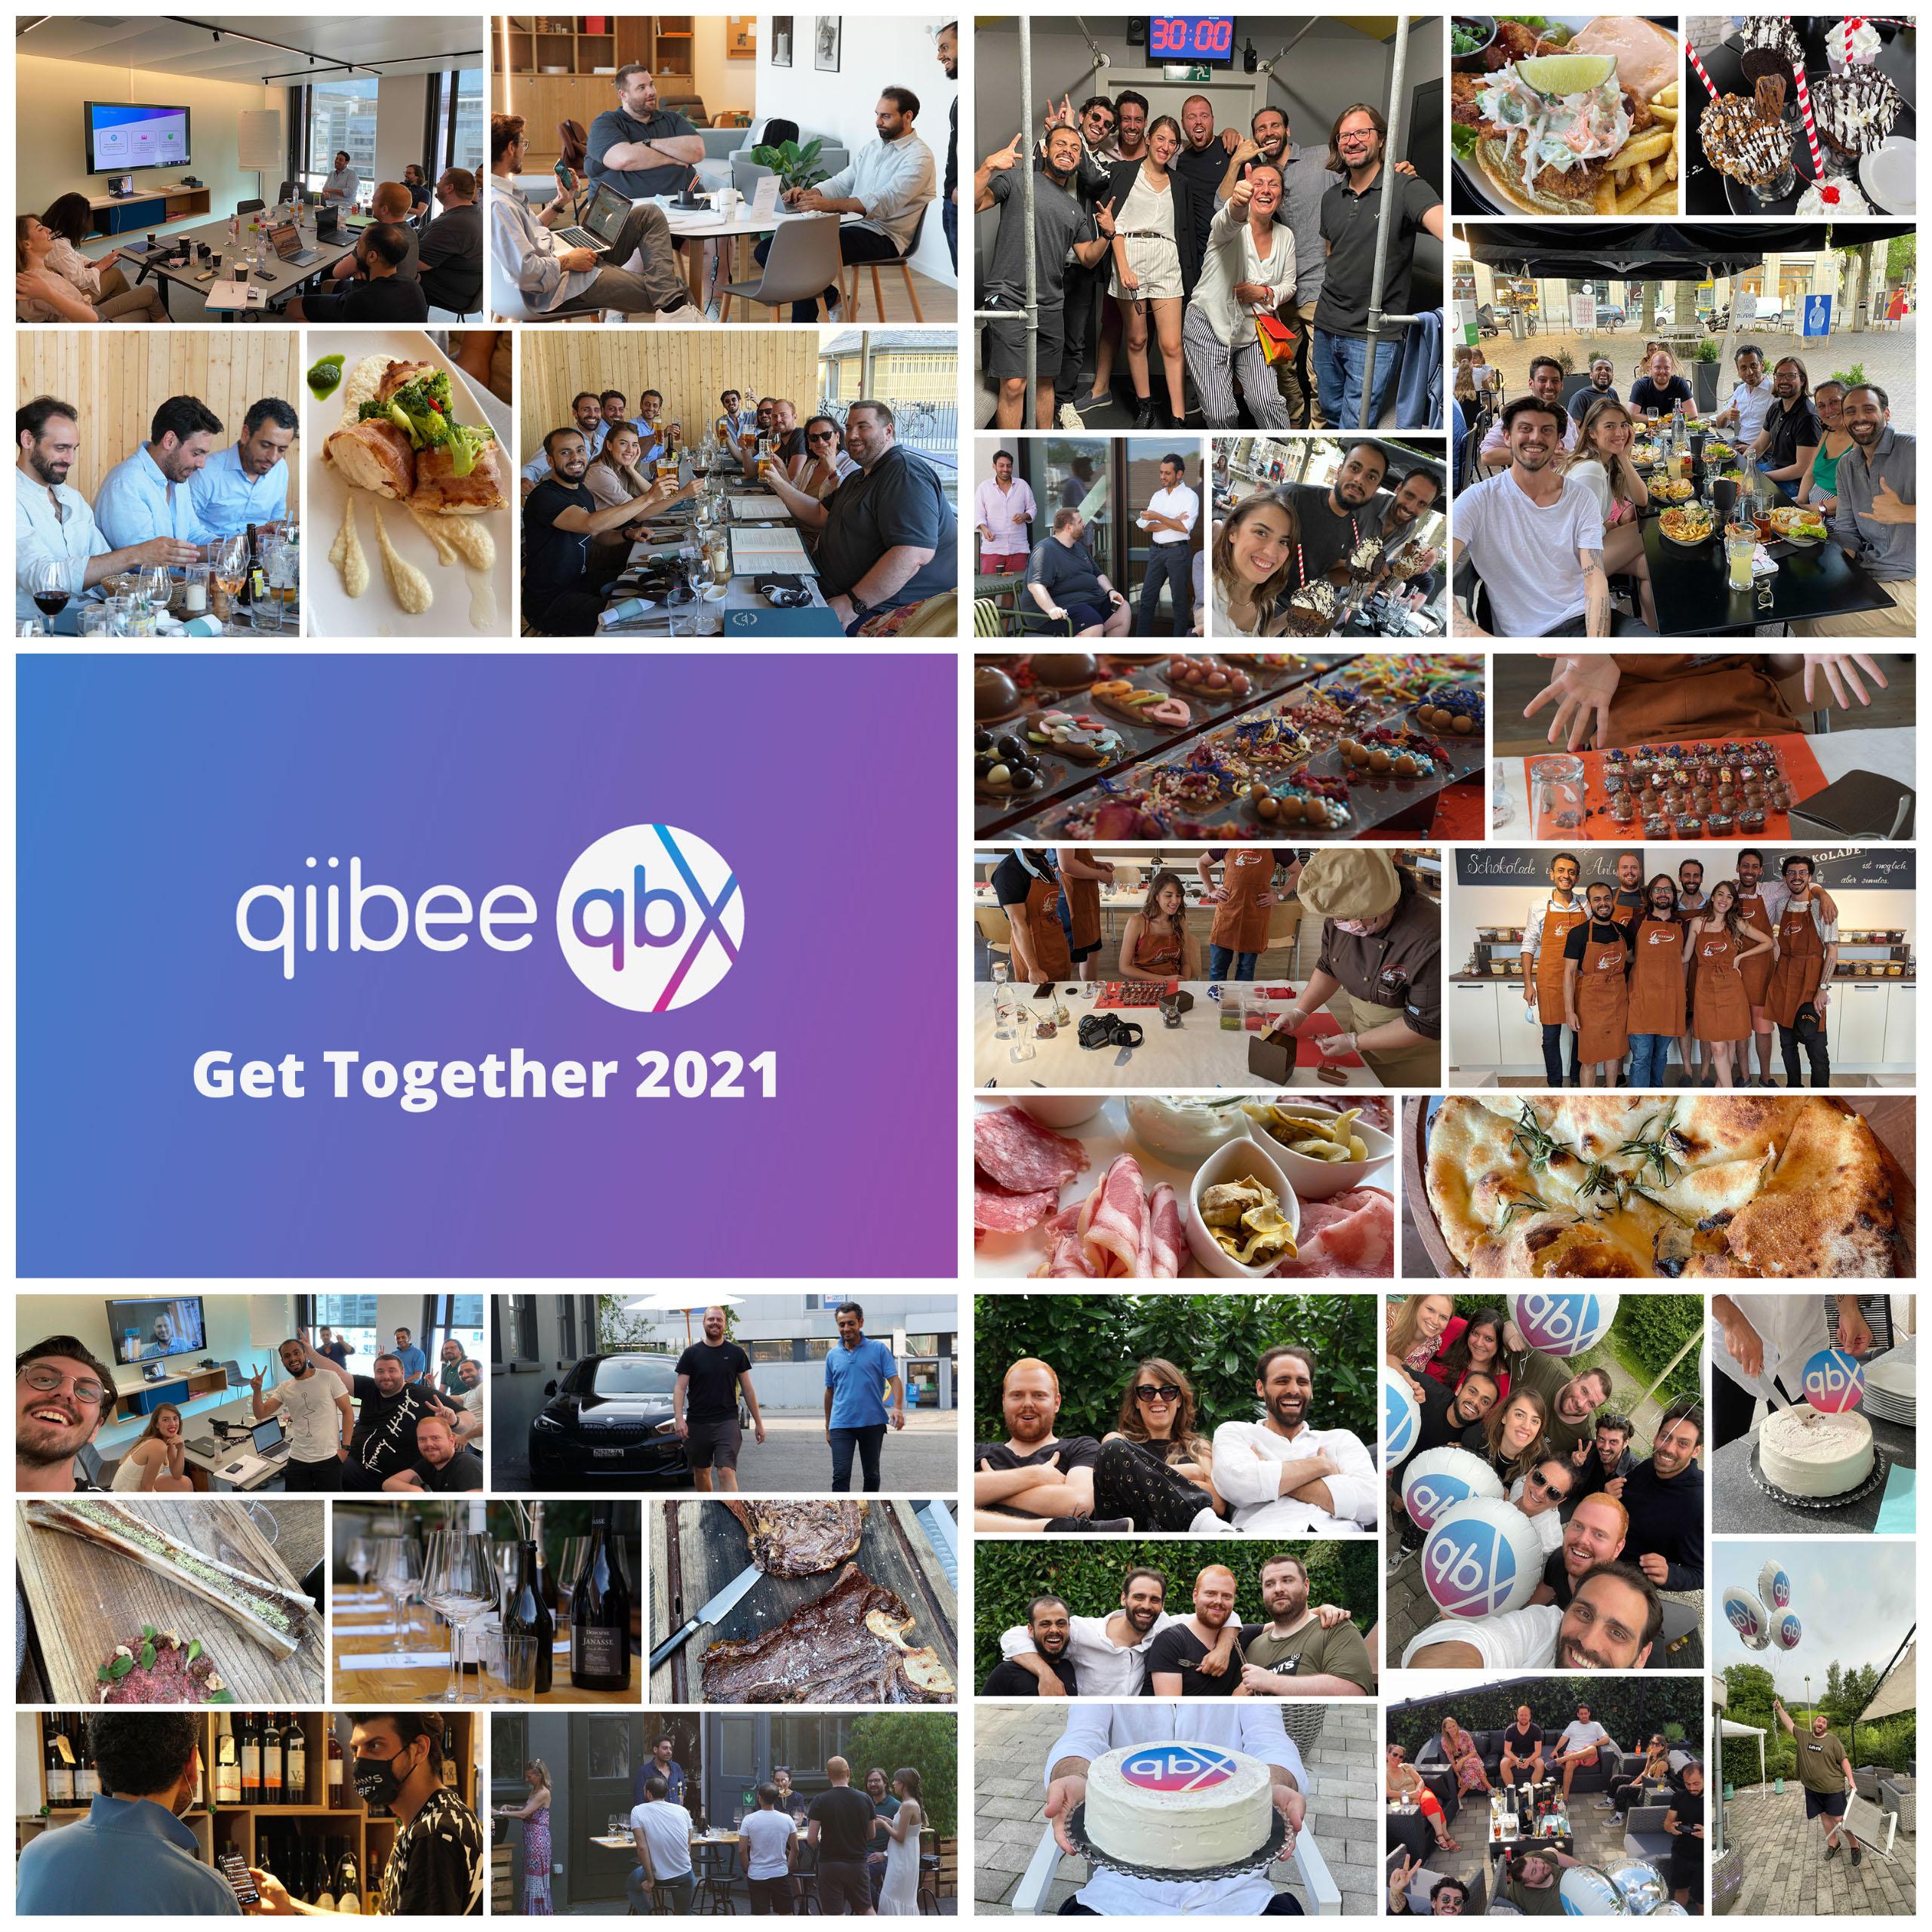 qiibee get together 2021